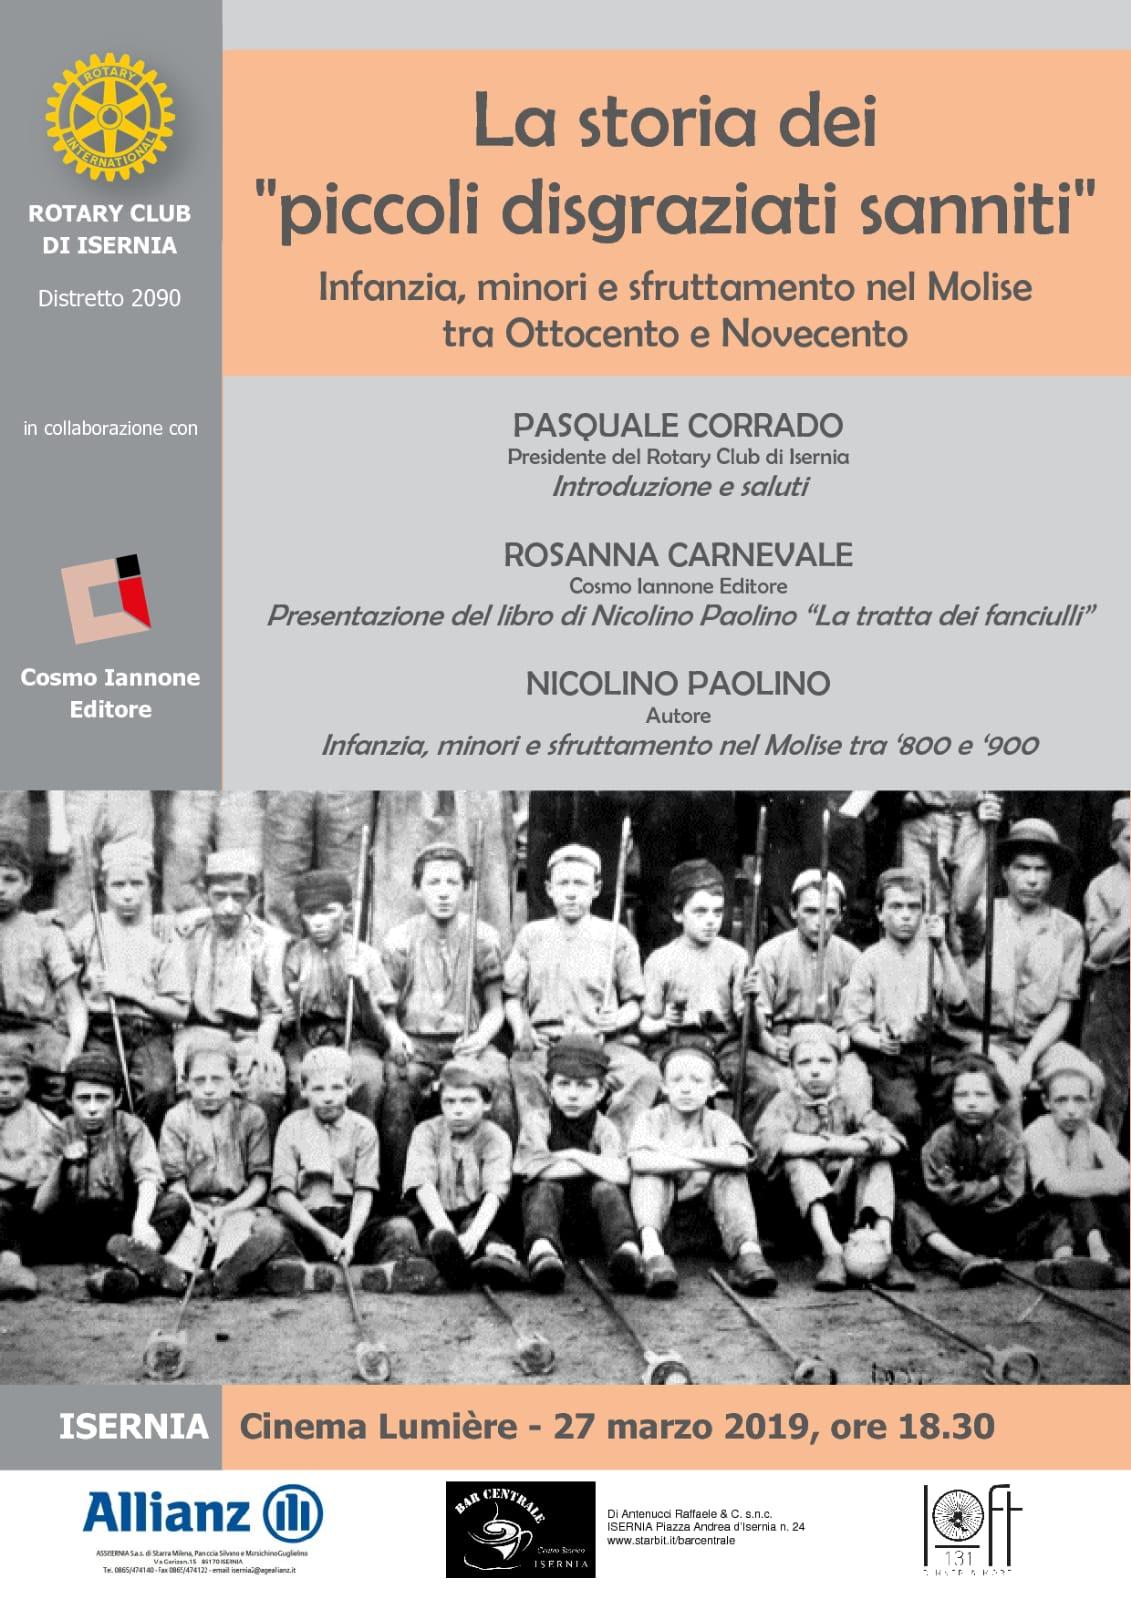 Isernia: il Rotary discute di infanzia, minori e sfruttamento nel Molise tra ottocento e novecento.